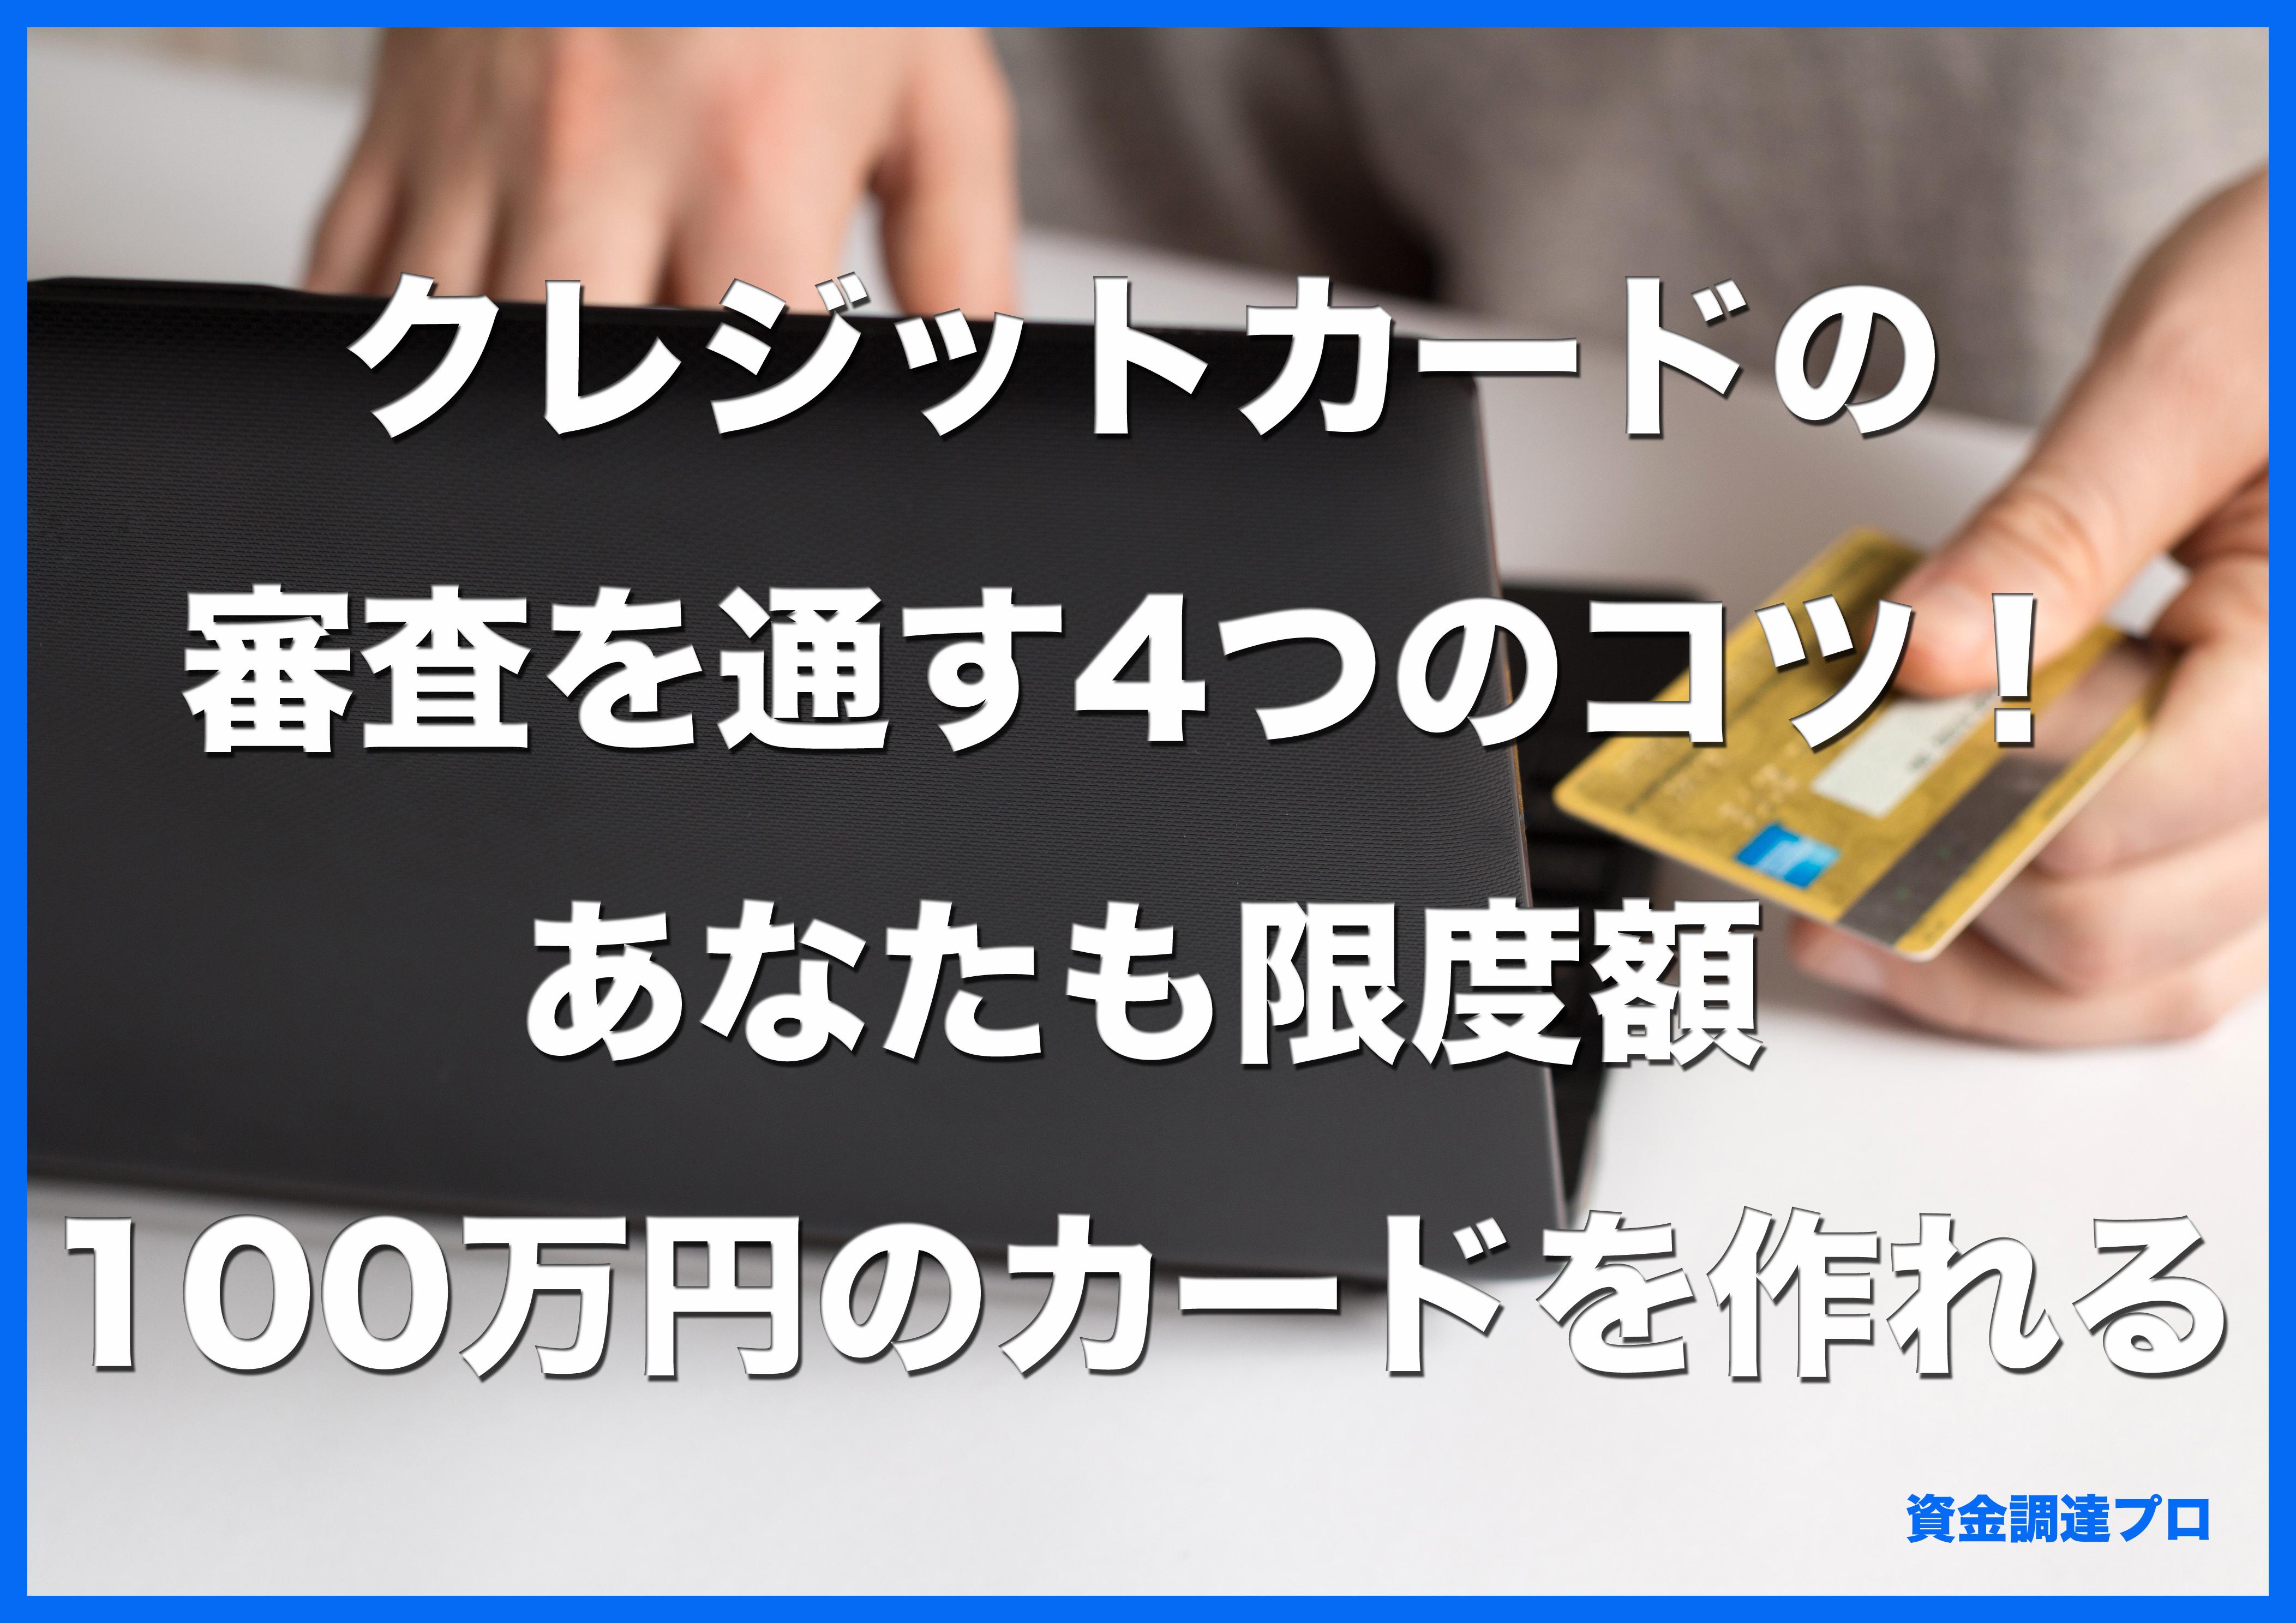 即日融資の審査を通す5つのコツ!あなたも今スグ30万円のお金を借入できる